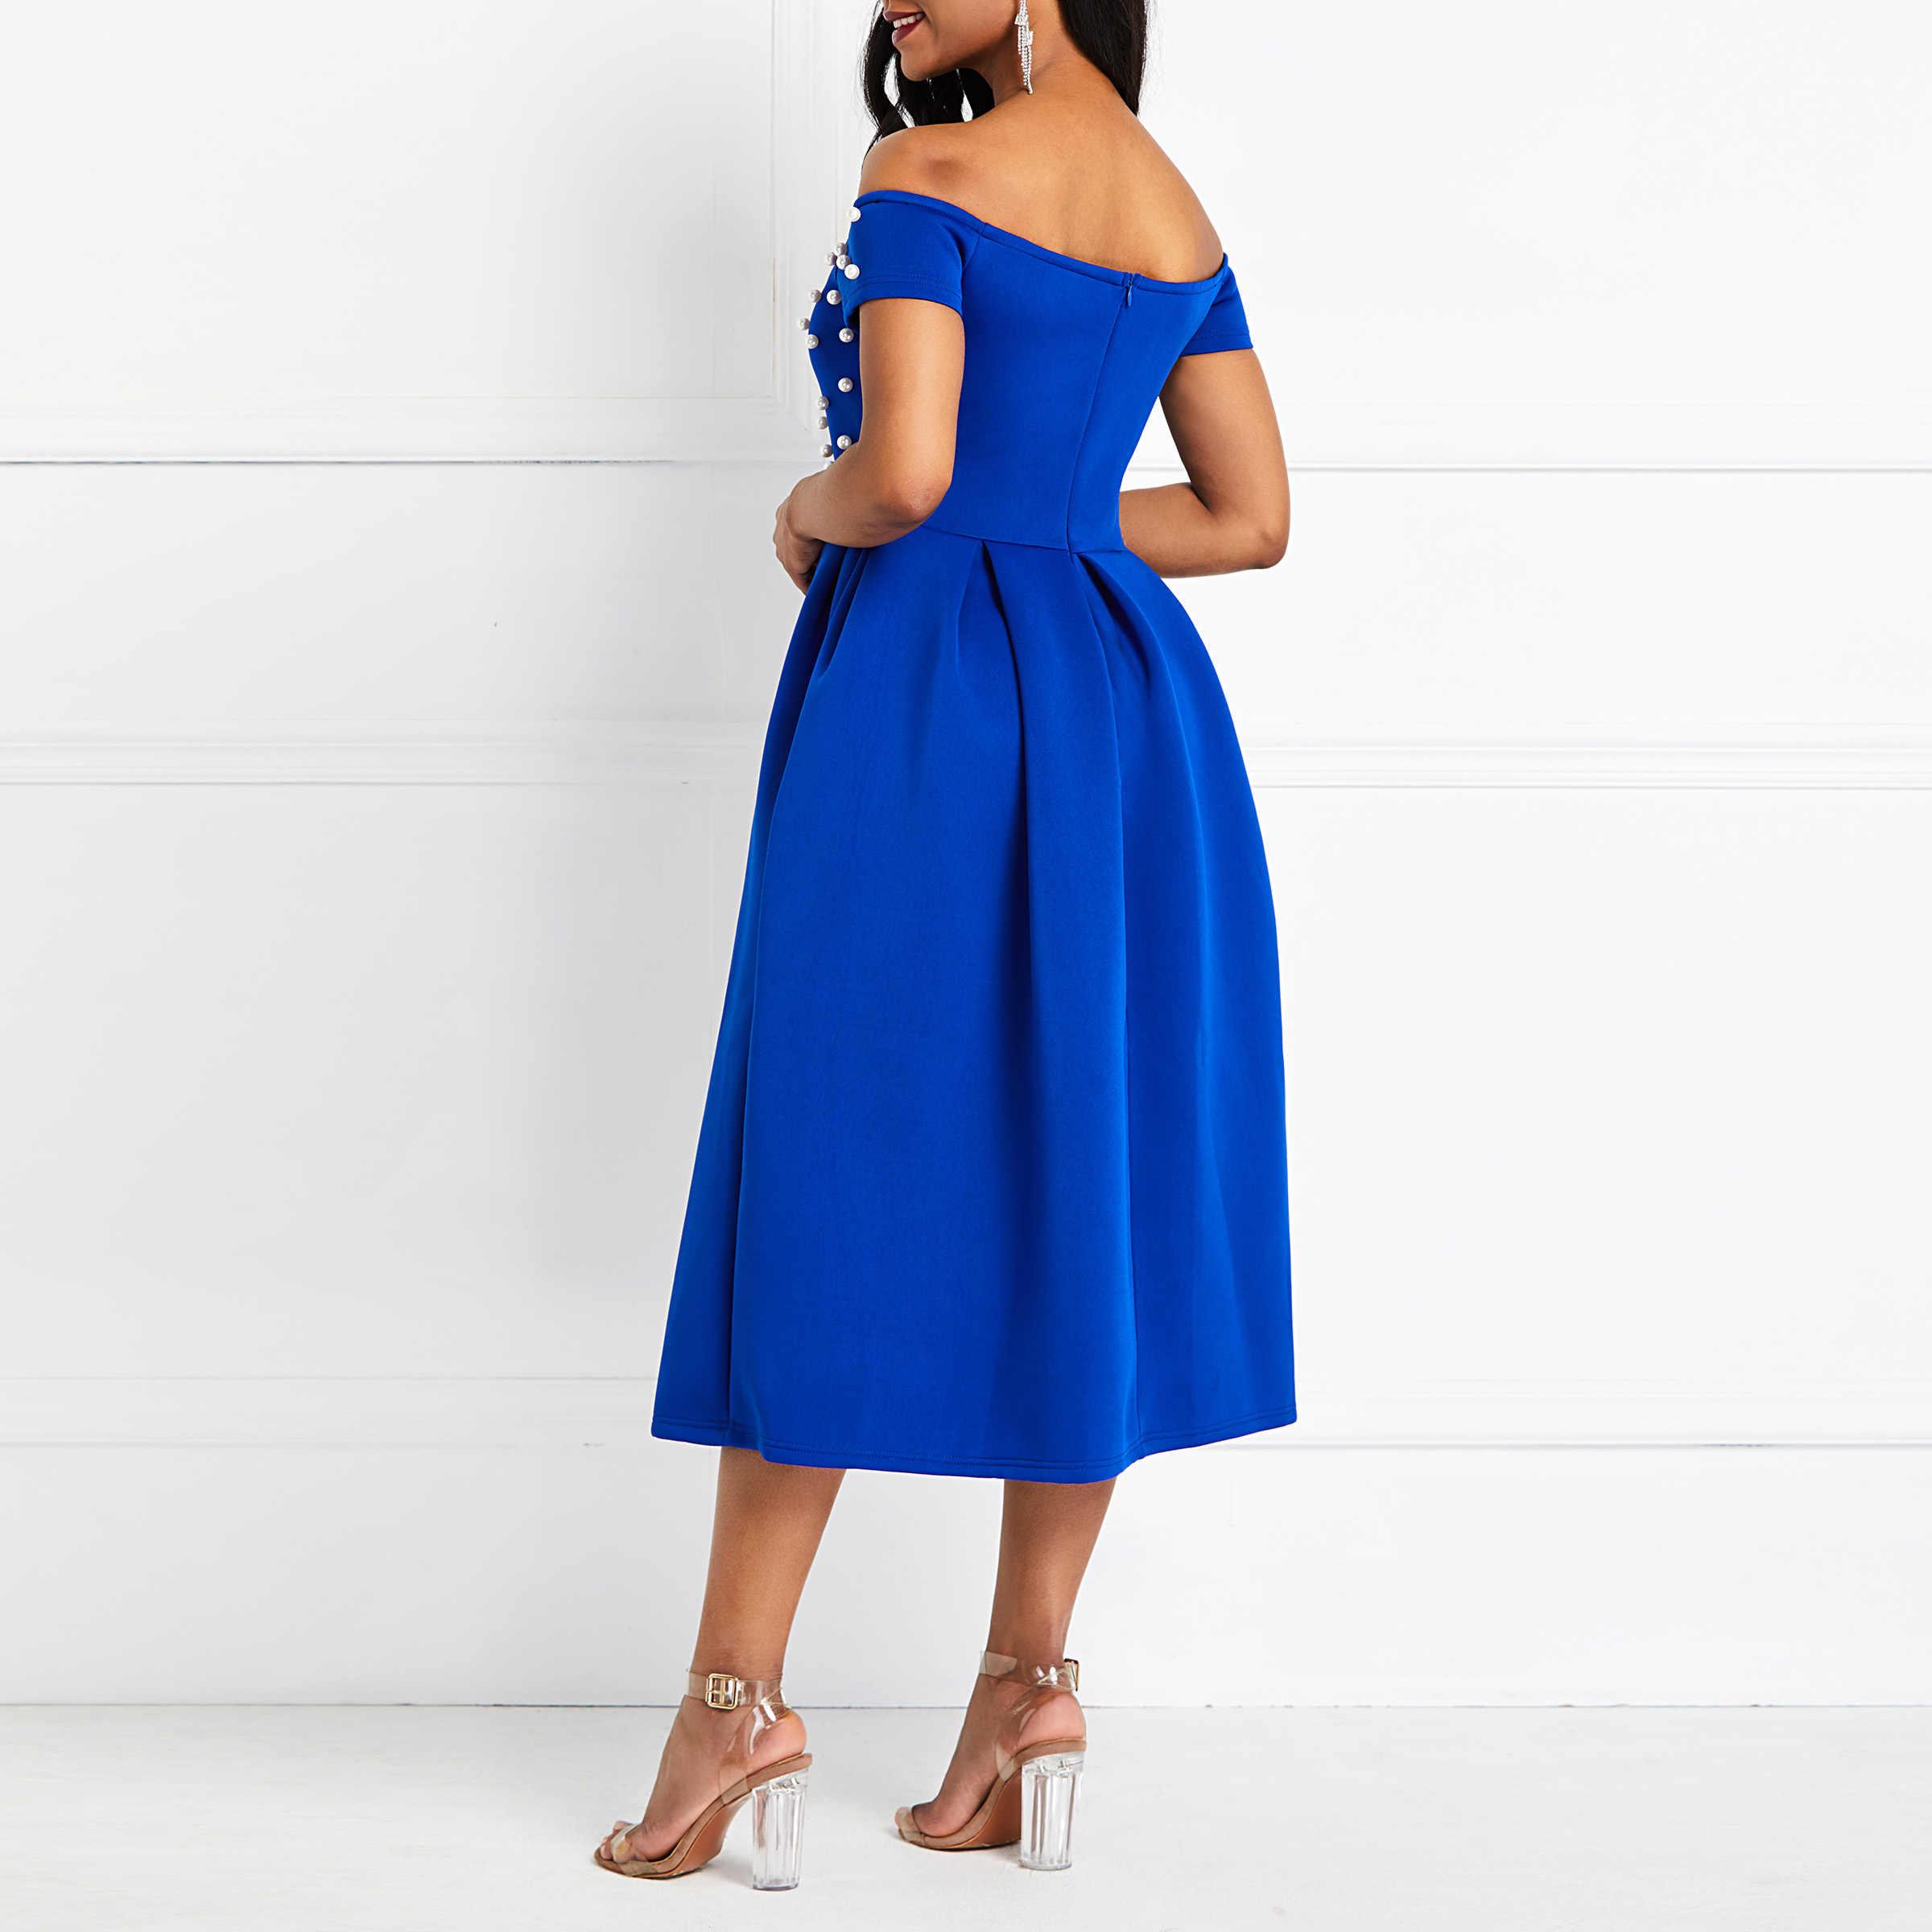 Seksi Kulübü Parti Zarif OL Bayan Streetwear Sonbahar Kadın Elbiseler Mavi Artı Boyutu Kapalı Omuz Boncuk Kadın Moda Inci Elbise